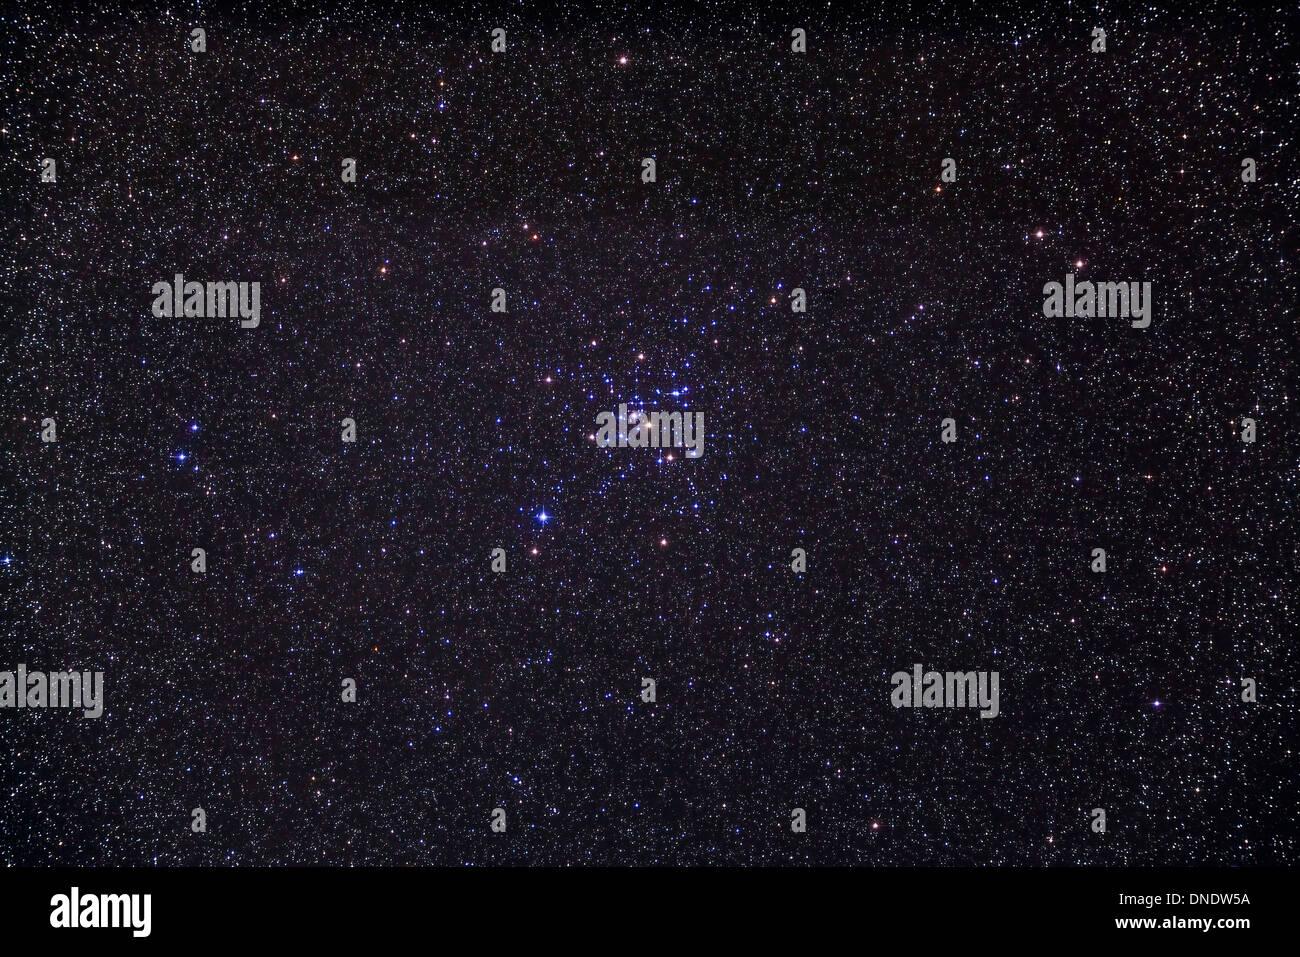 Amas d'étoiles Messier 41 ouvert au-dessous de l'étoile de Sirius dans la constellation du Grand Chien. Photo Stock